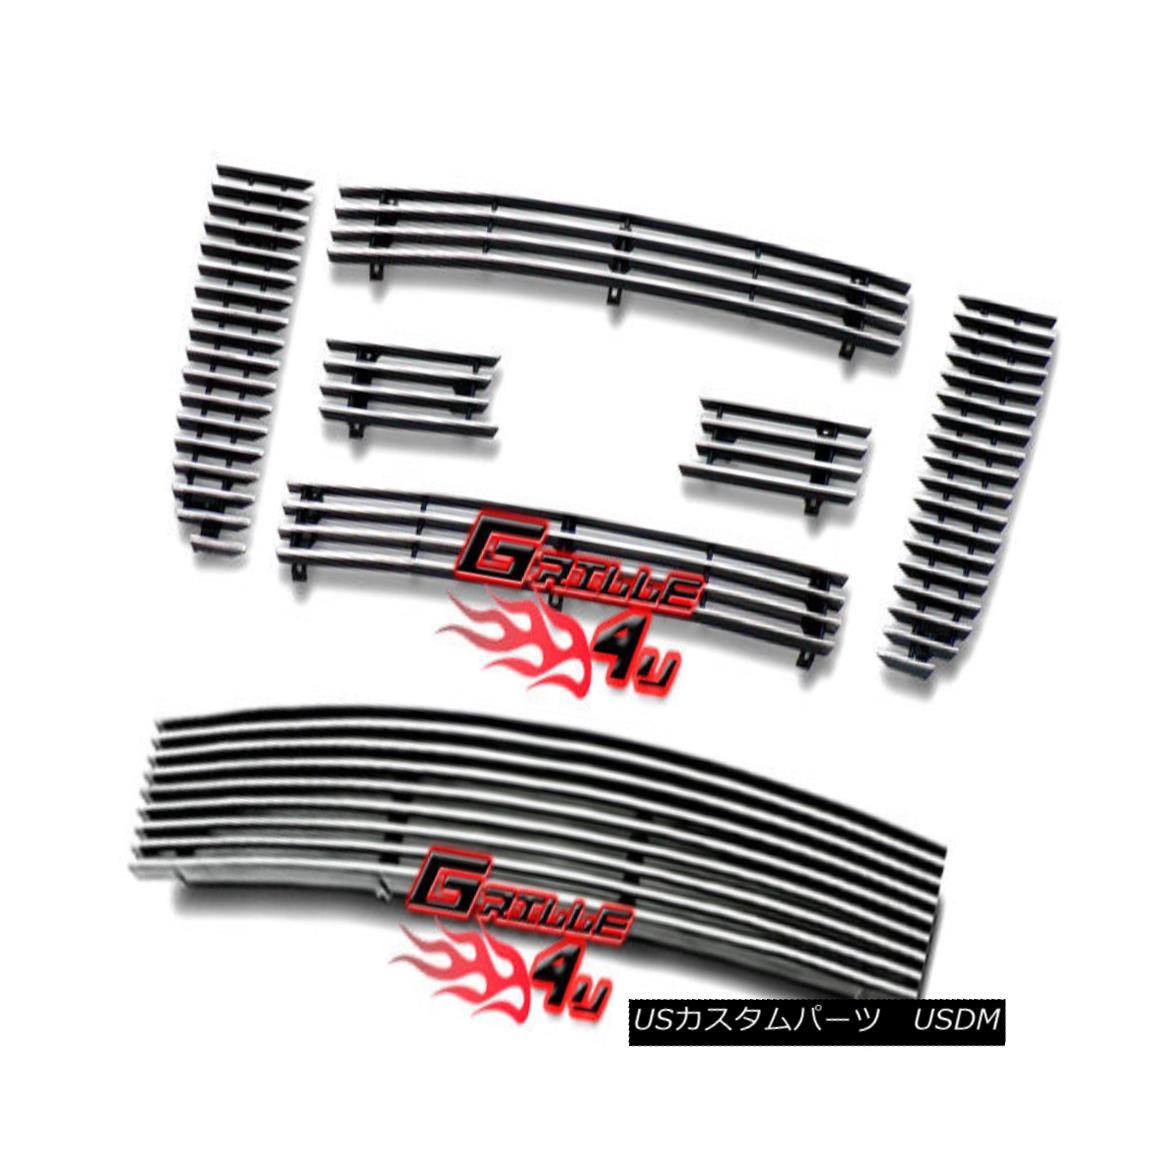 グリル For 06-11 2011 Ford Ranger FX4/XL/XLT Billet Premium Grille Combo 2011年6月11日フォードレンジャーFX4 / XL / XLTビレットプレミアムグリルコンボ